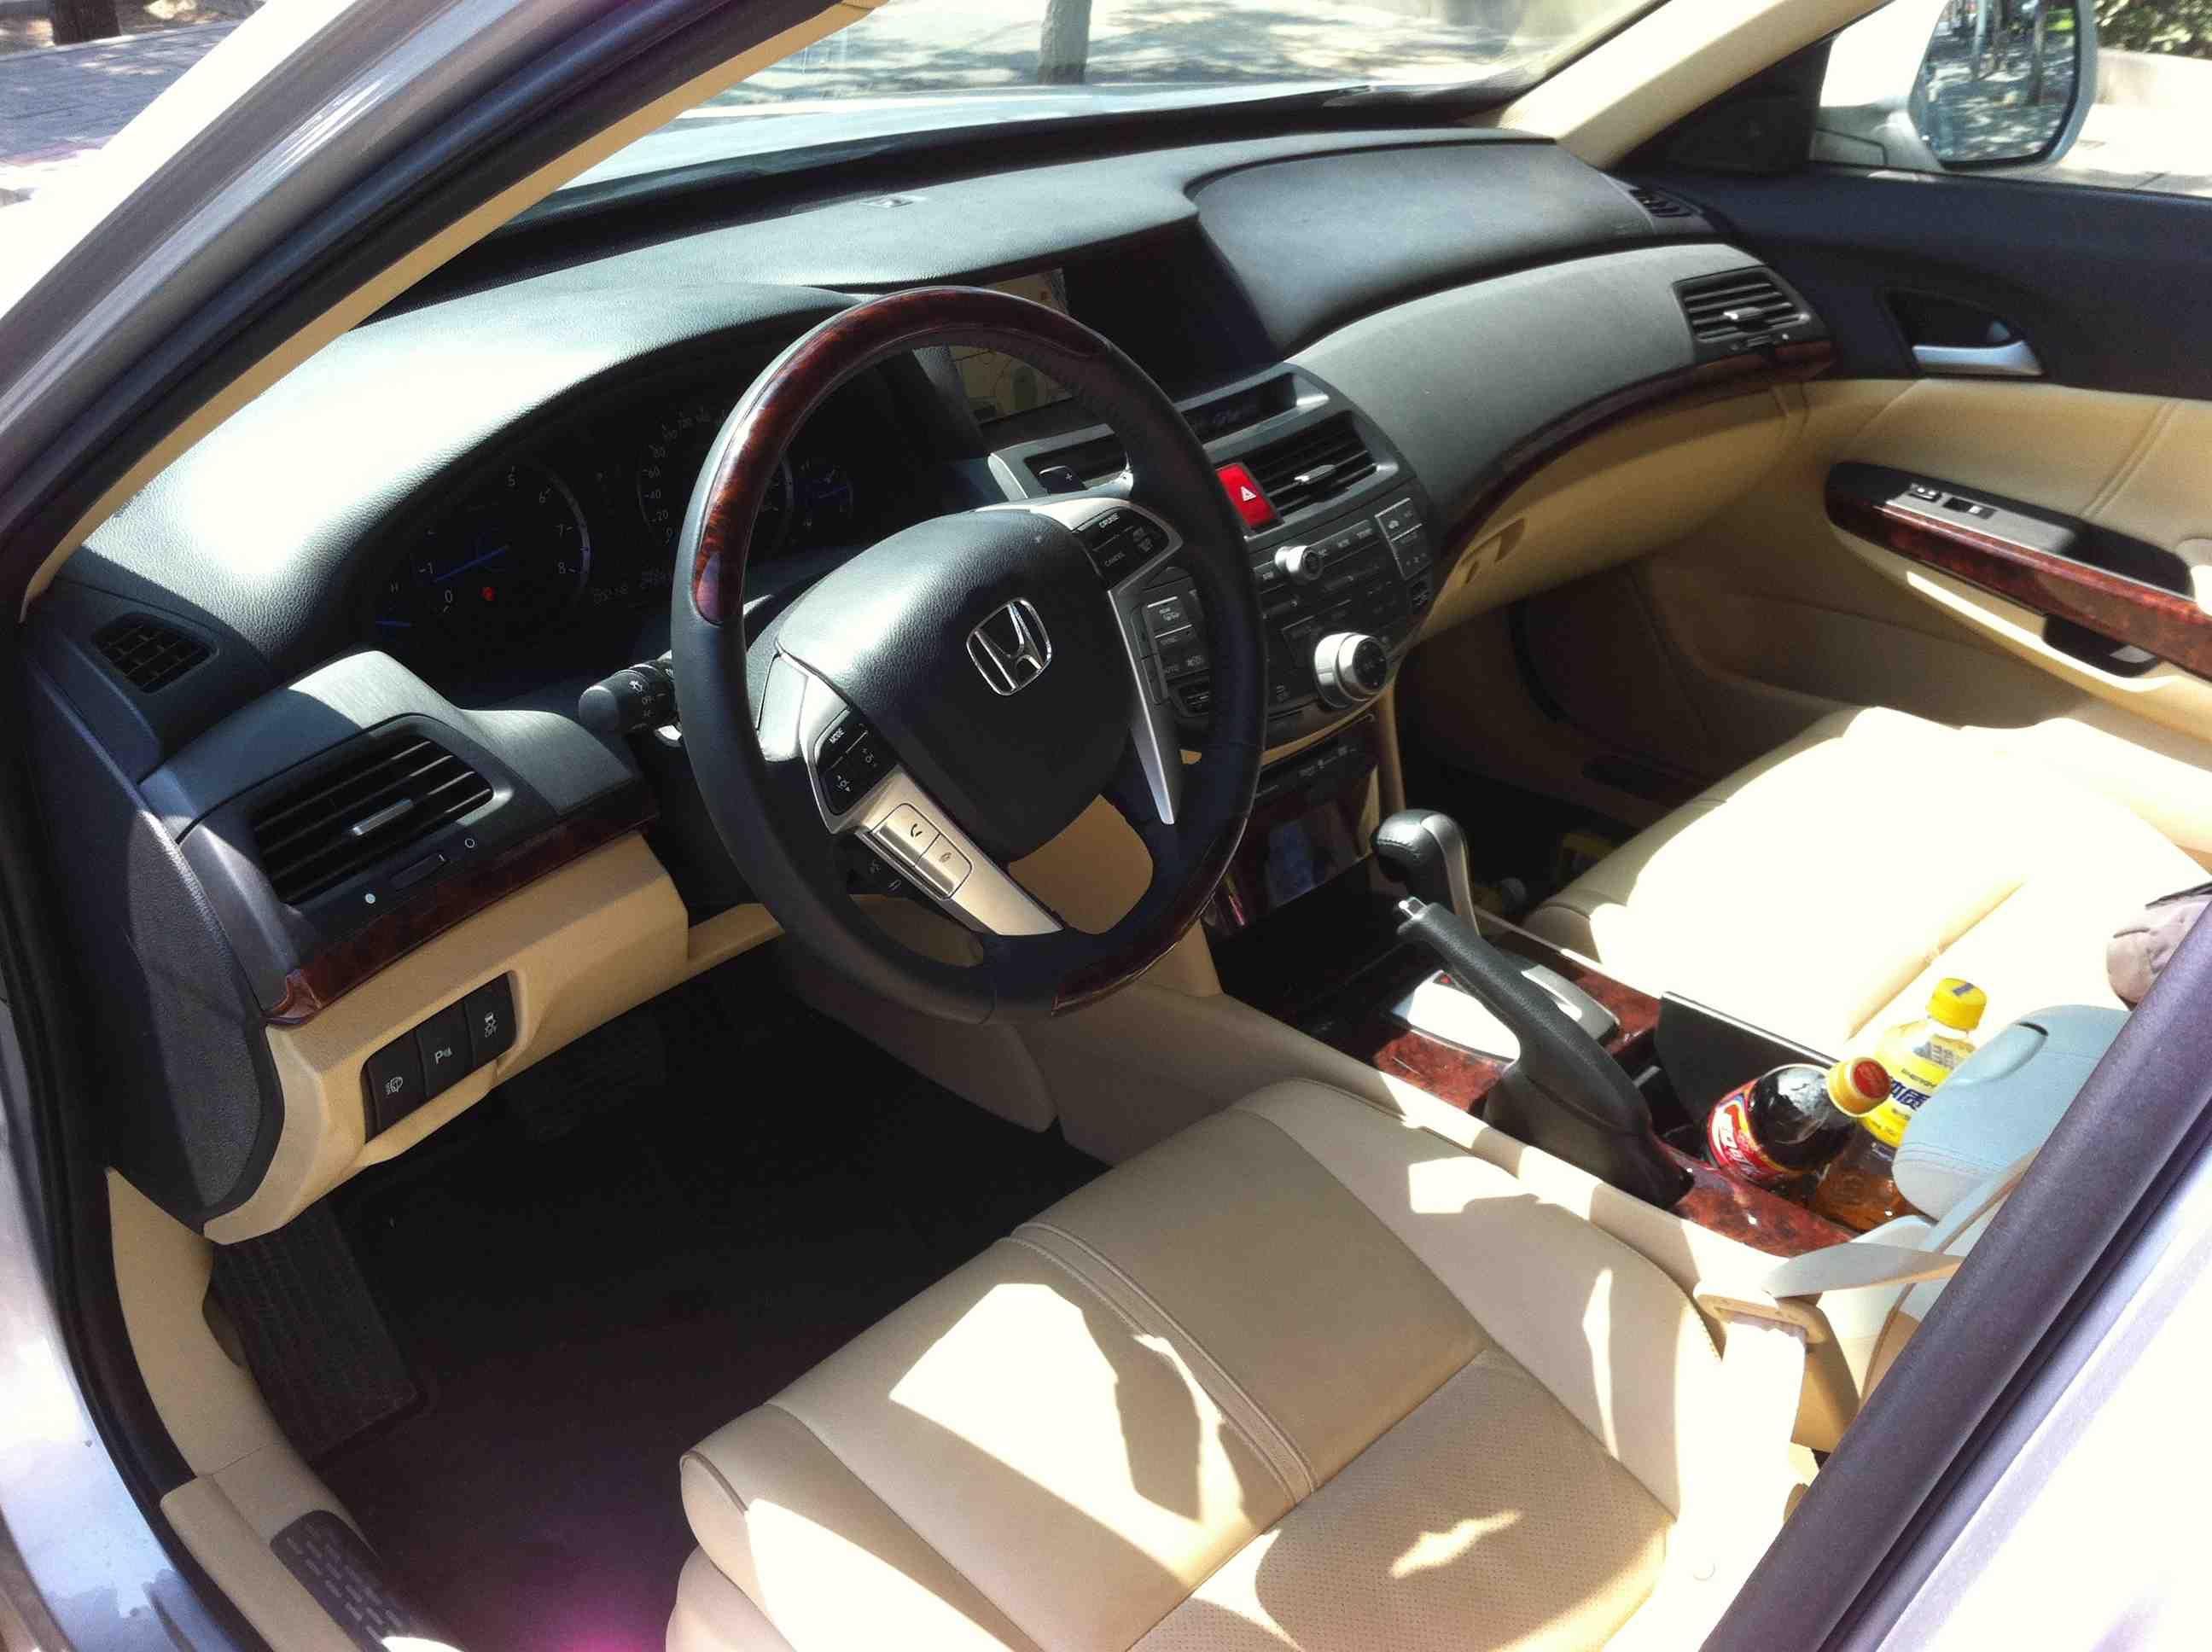 北京二手车 北京二手本田歌诗图 2012年二手本田歌诗图  概况 车辆图片